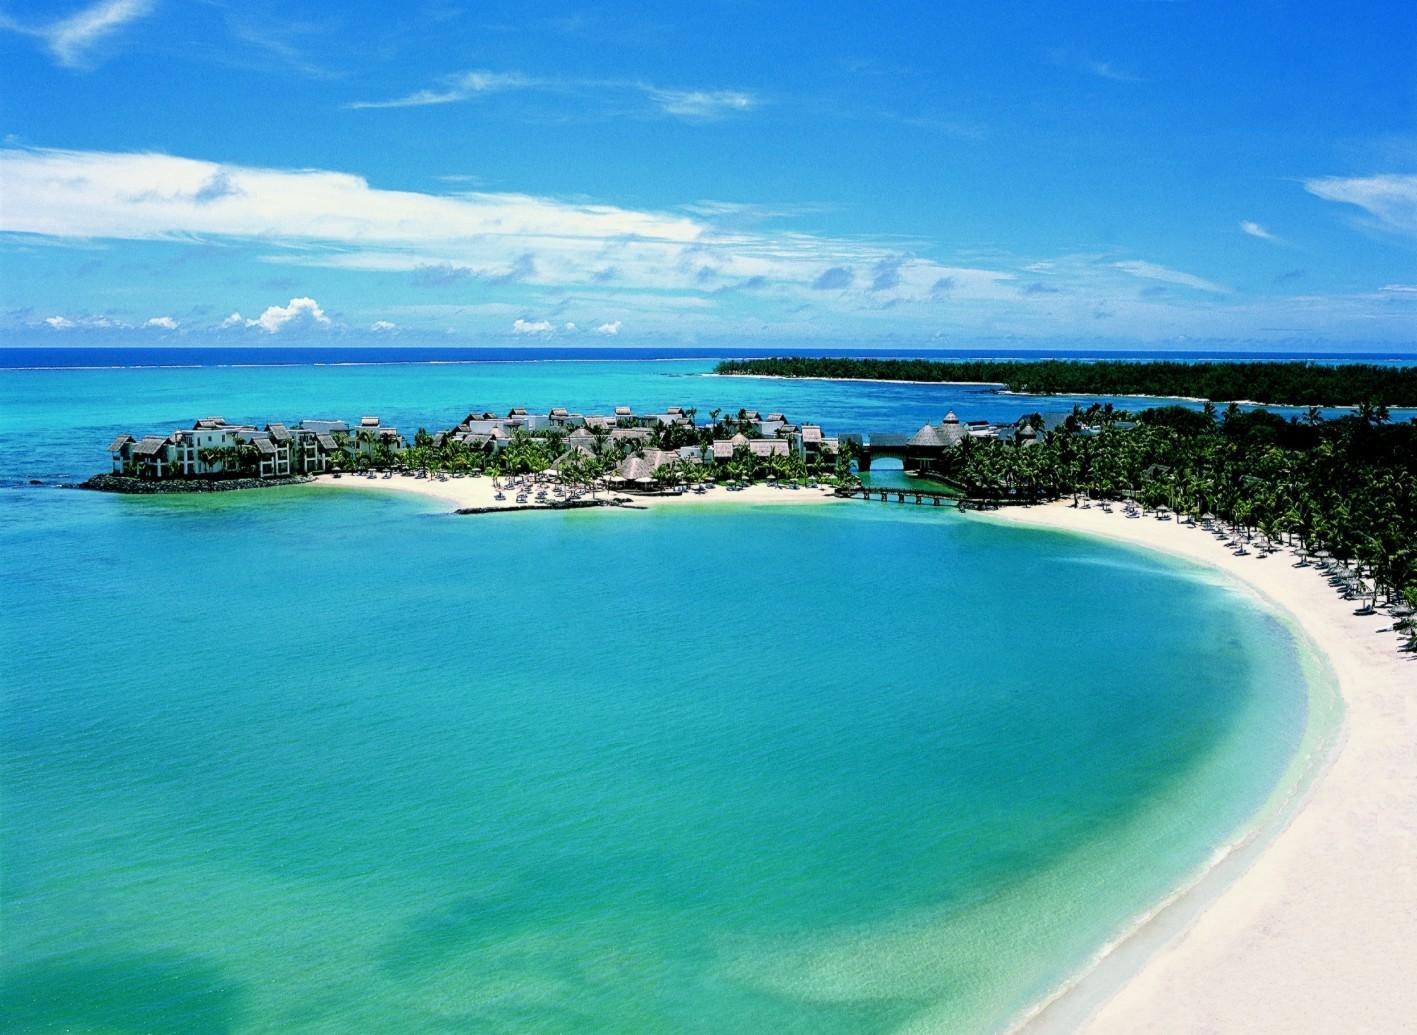 Бали - остров, где сбываются мечты